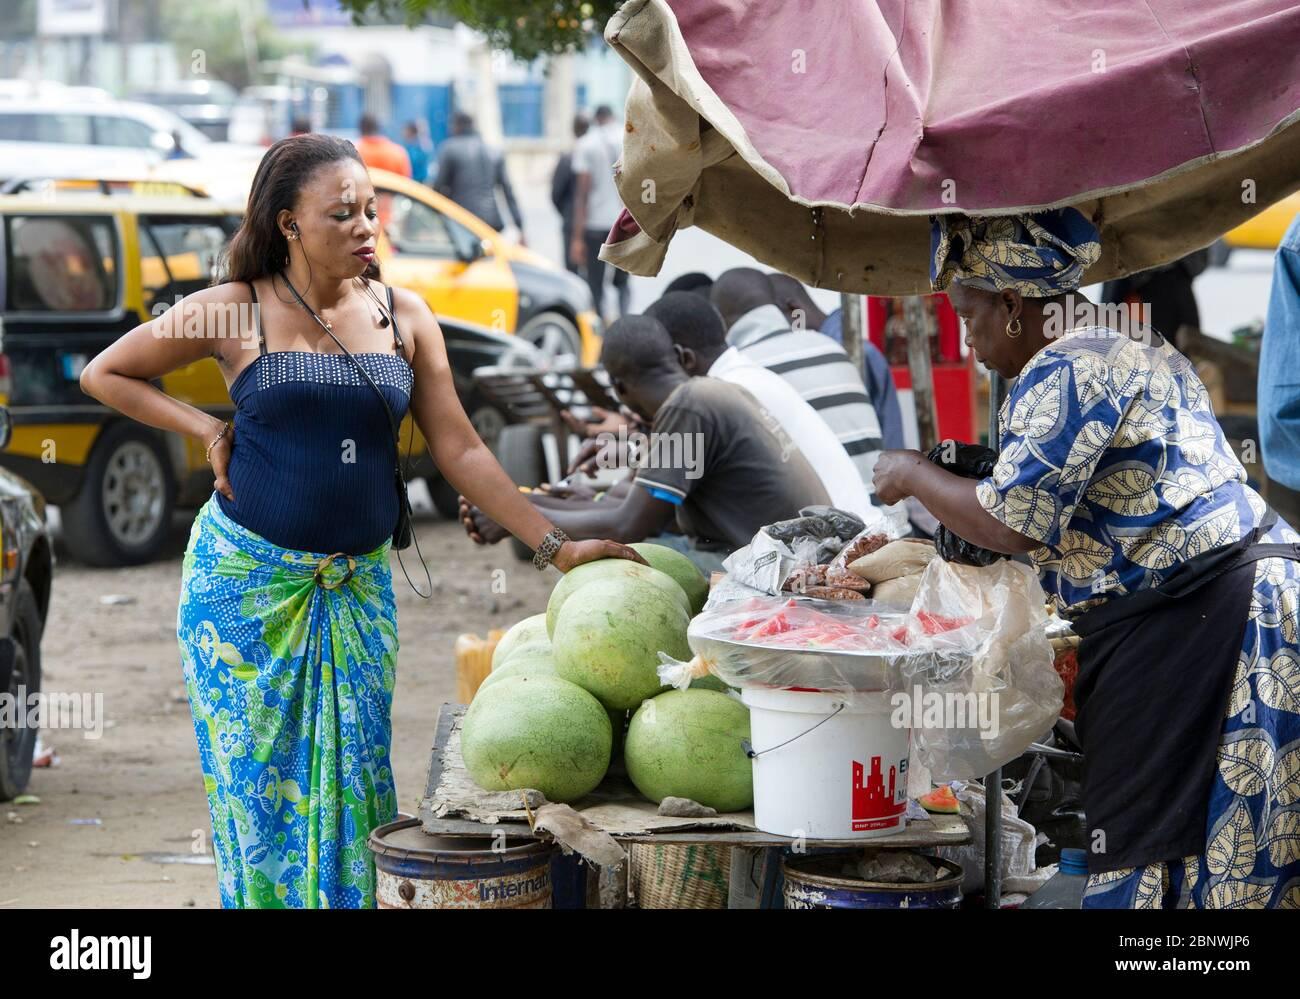 Une femme attend d'être servie sur un marché fruitier à Dakar, Sénégal, Afrique de l'Ouest. Banque D'Images